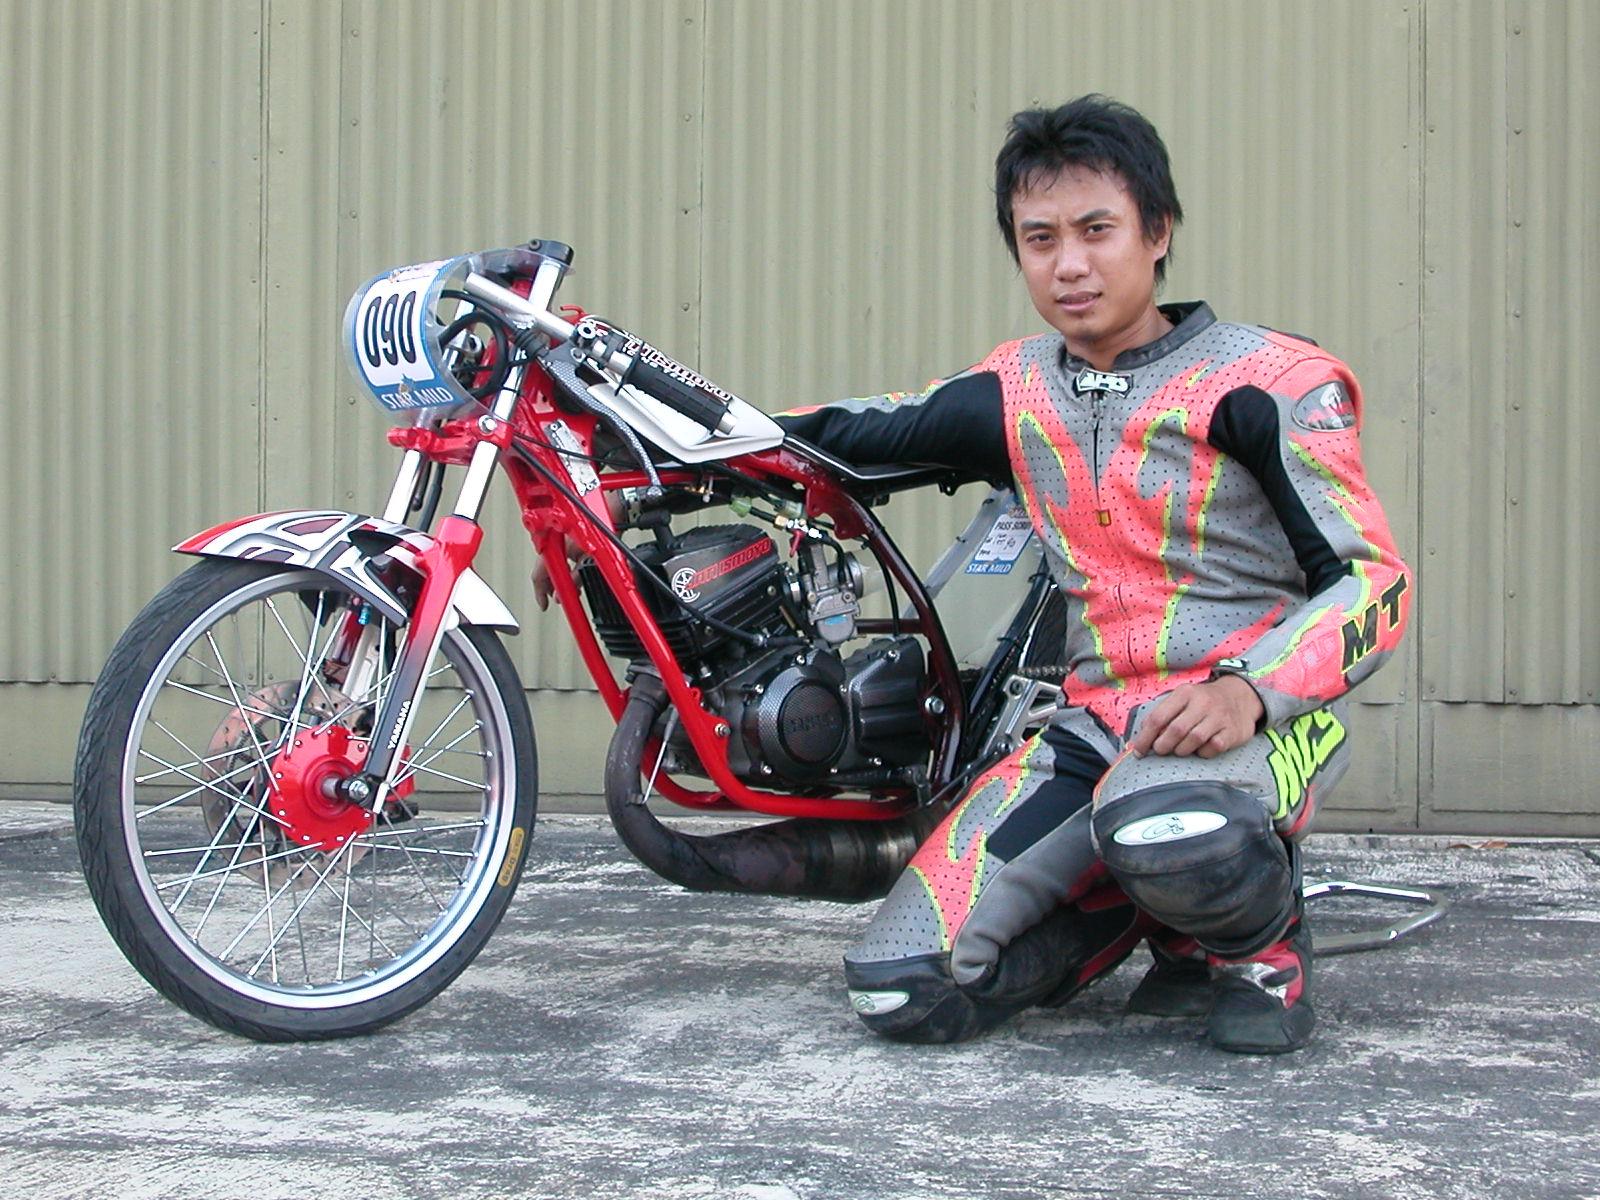 Pic New Posts: Yamaha Rx 135 Wallpaper